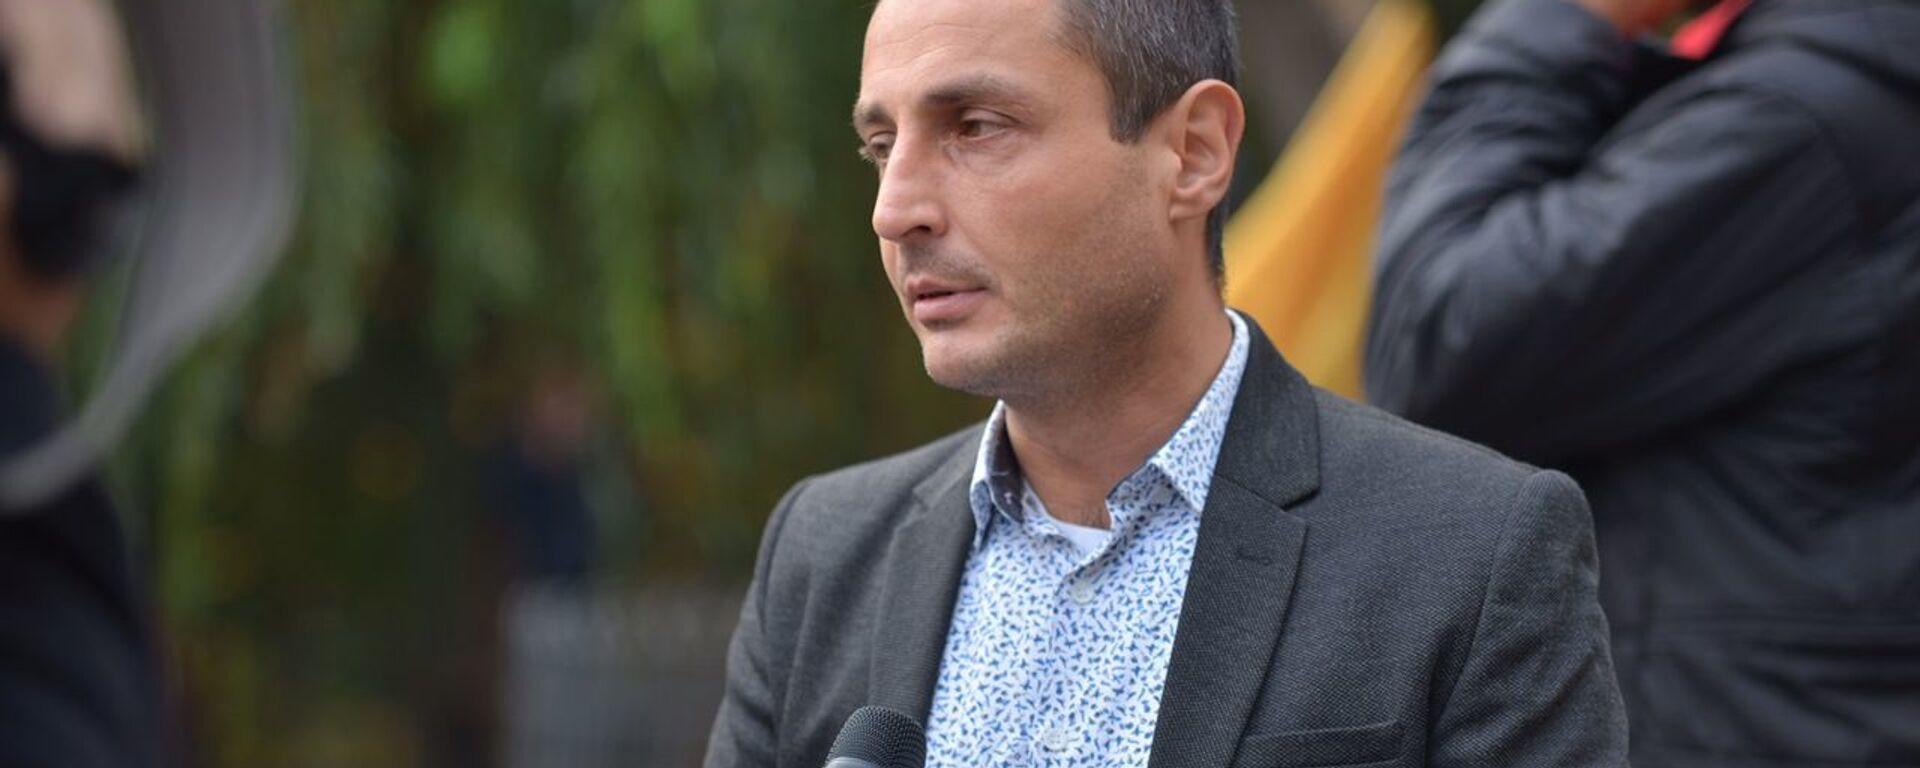 Лаша Чхартишвили. Шествие лидеров и сторонников оппозиции, призывающих жителей прийти на митинг 8 ноября - Sputnik Грузия, 1920, 18.08.2021